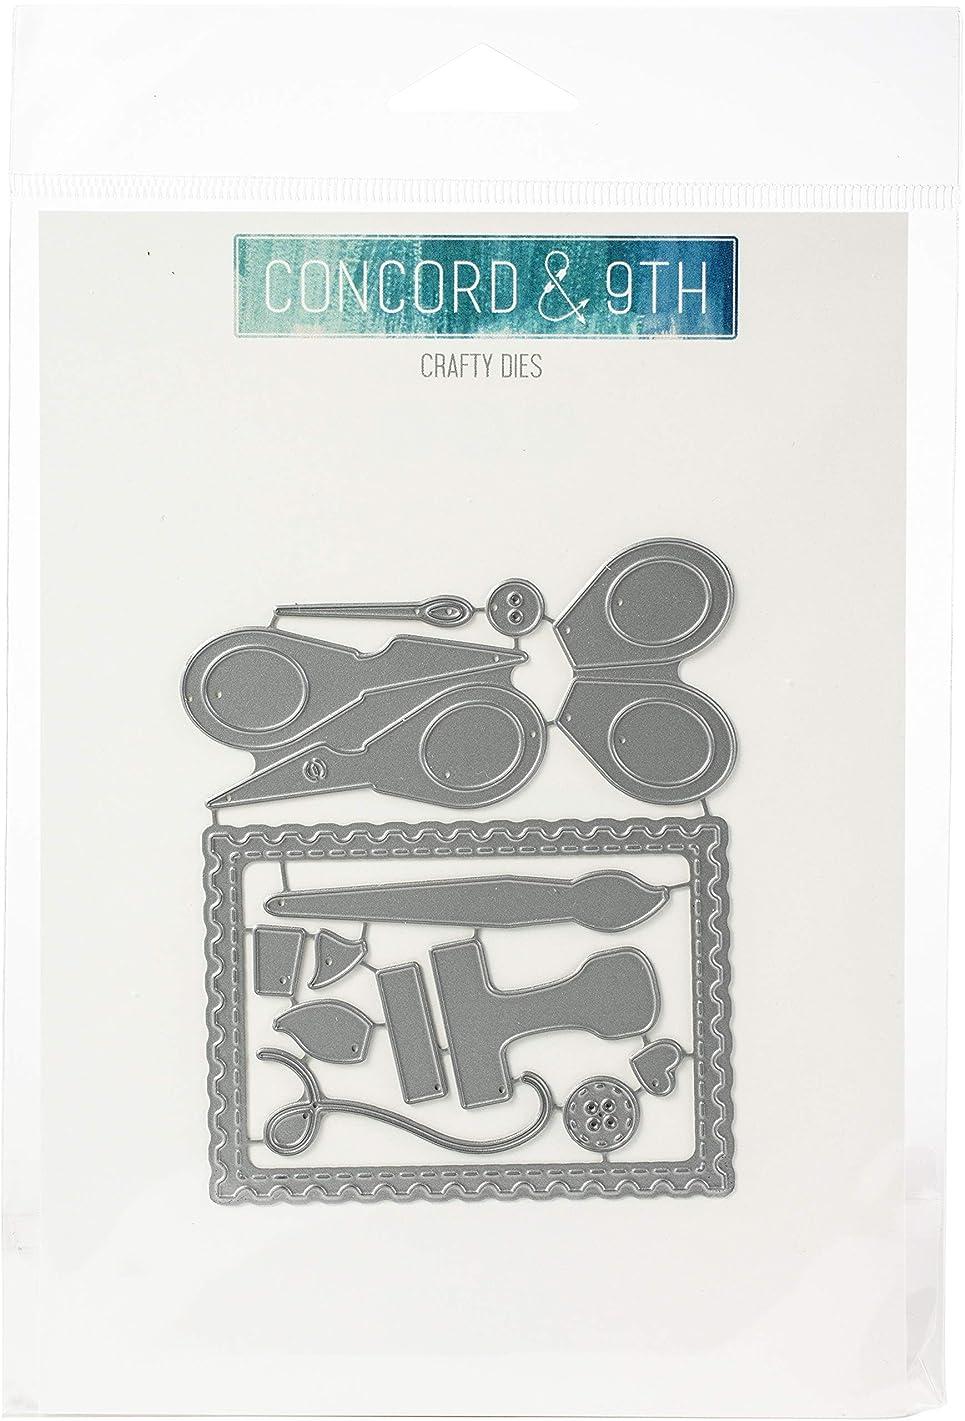 Concord & 9th 10489 Dies-Crafty